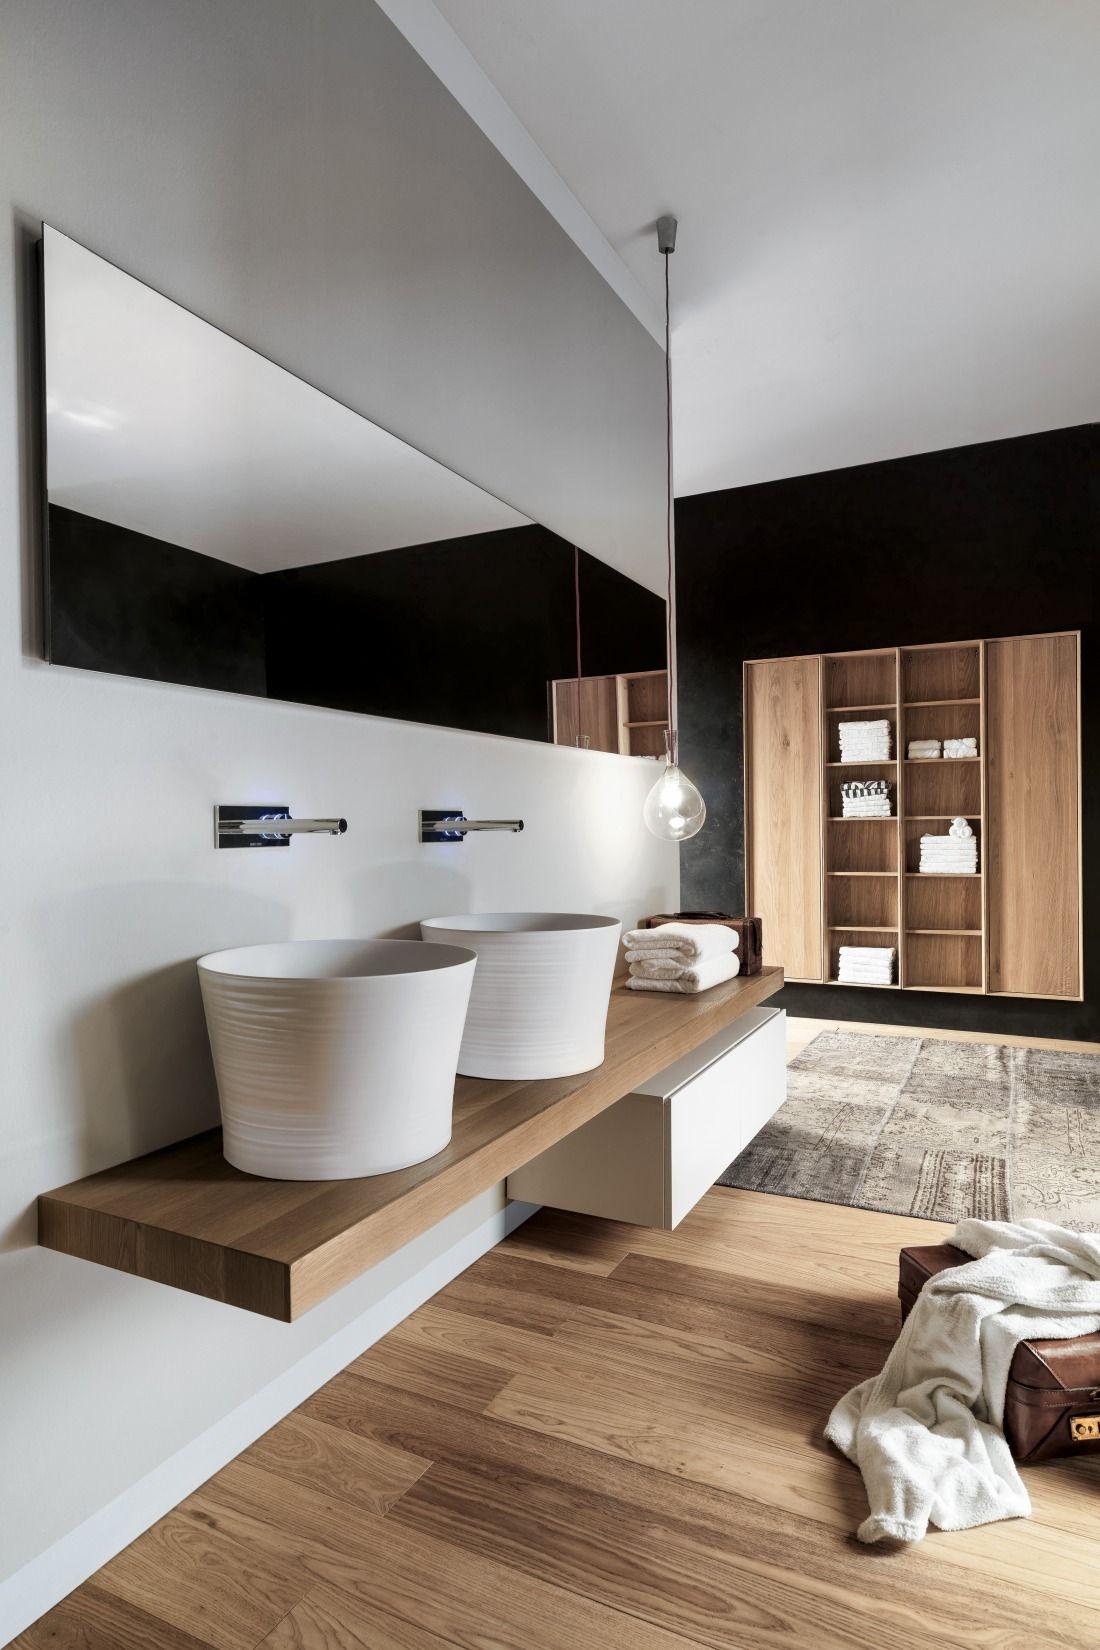 Via veneto bathroom furniture collection by falper progetta il tuo bagno con falper for Progetta il tuo bagno